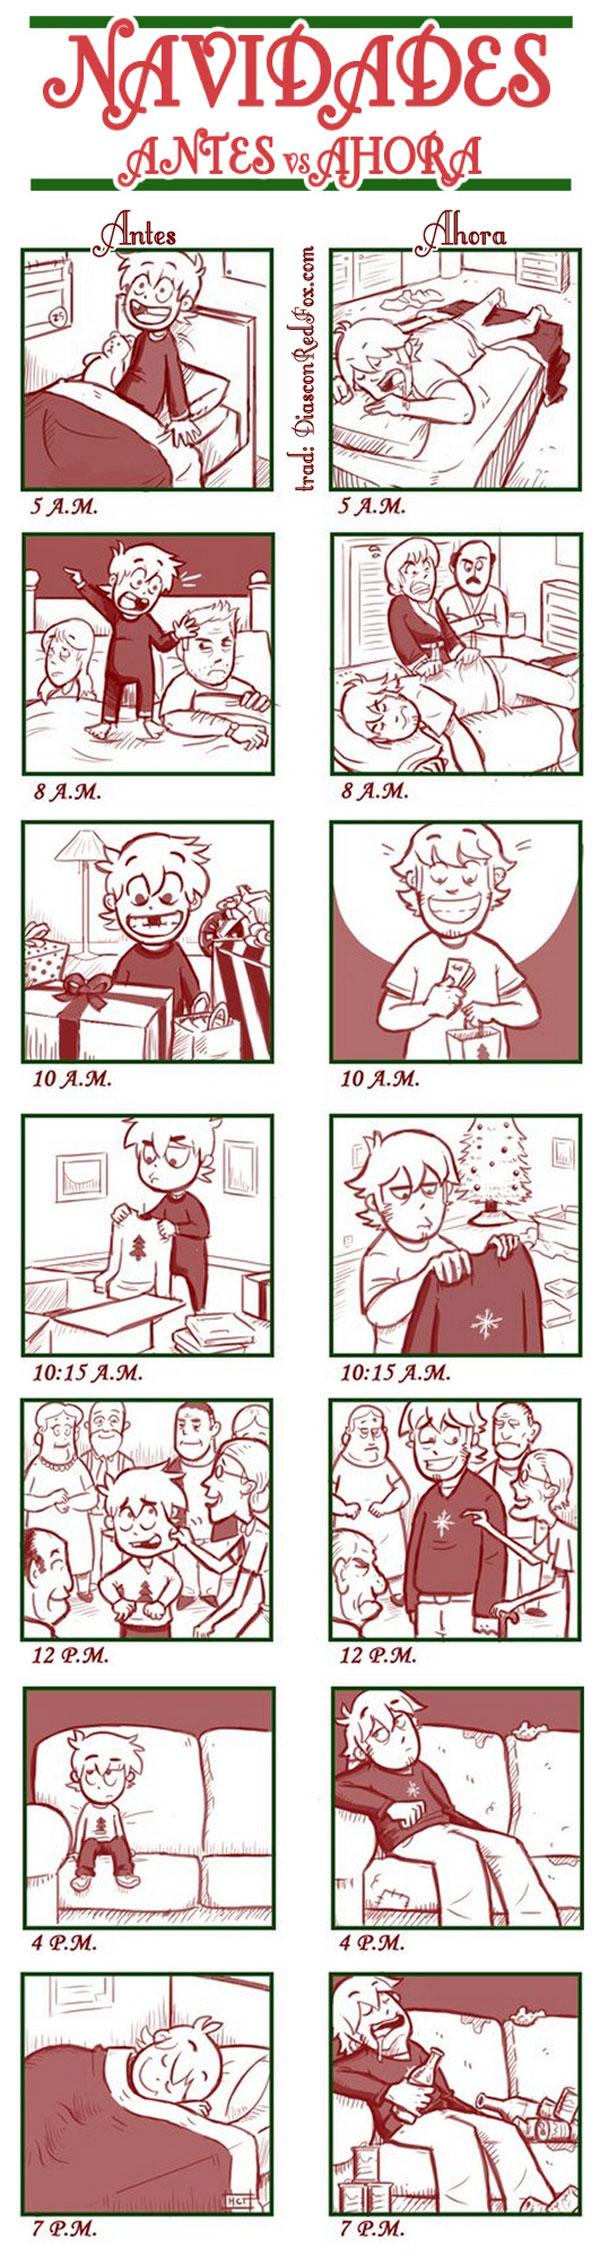 Navidades: antes y ahora